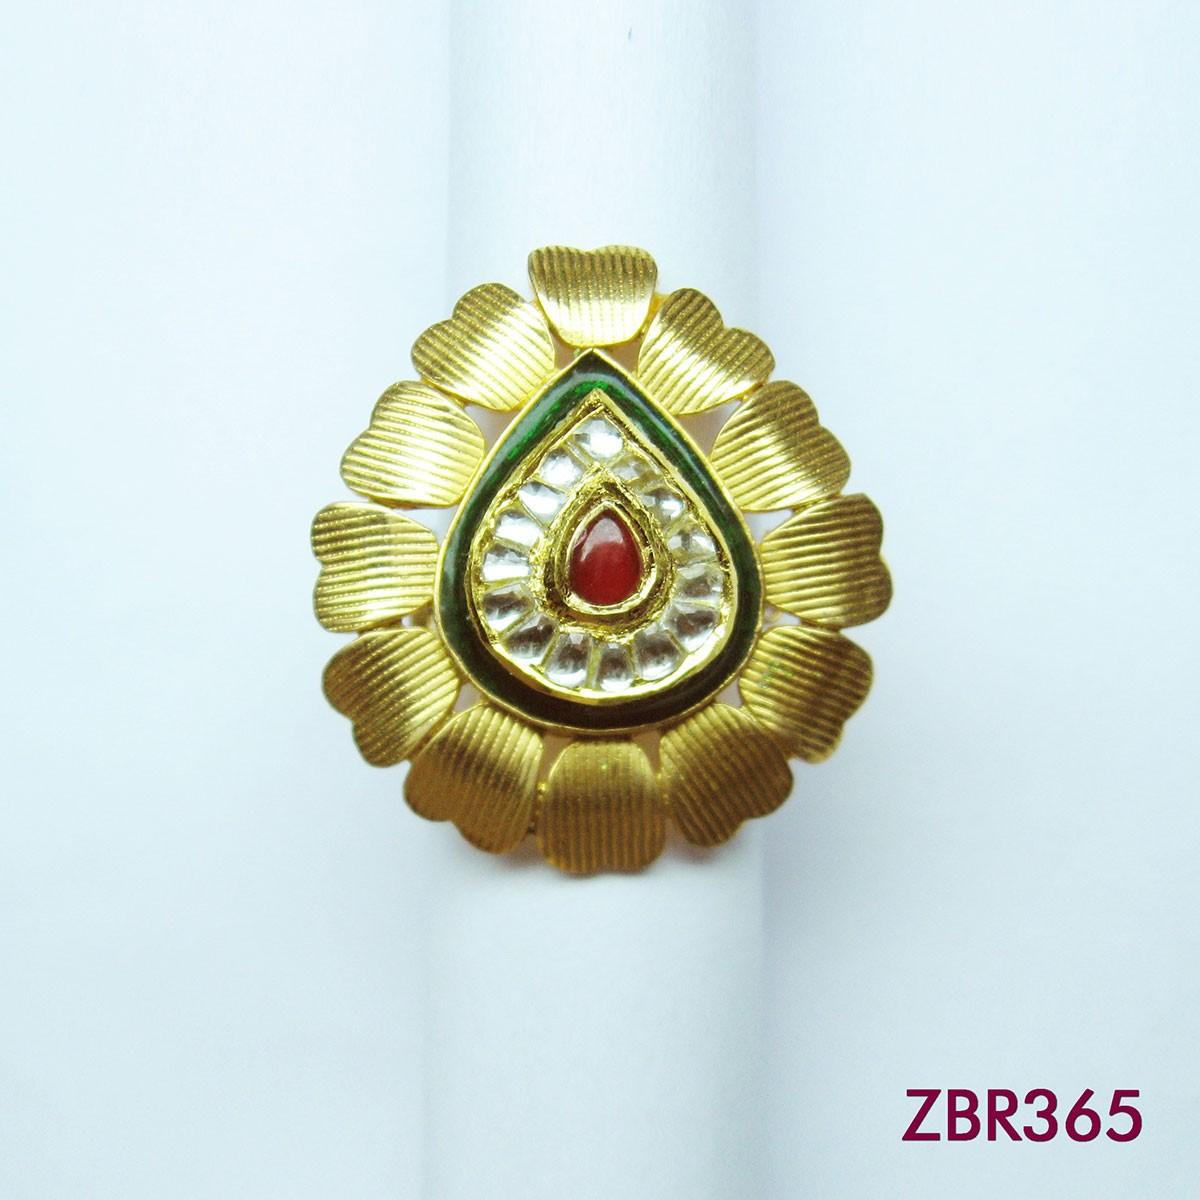 ZBR365